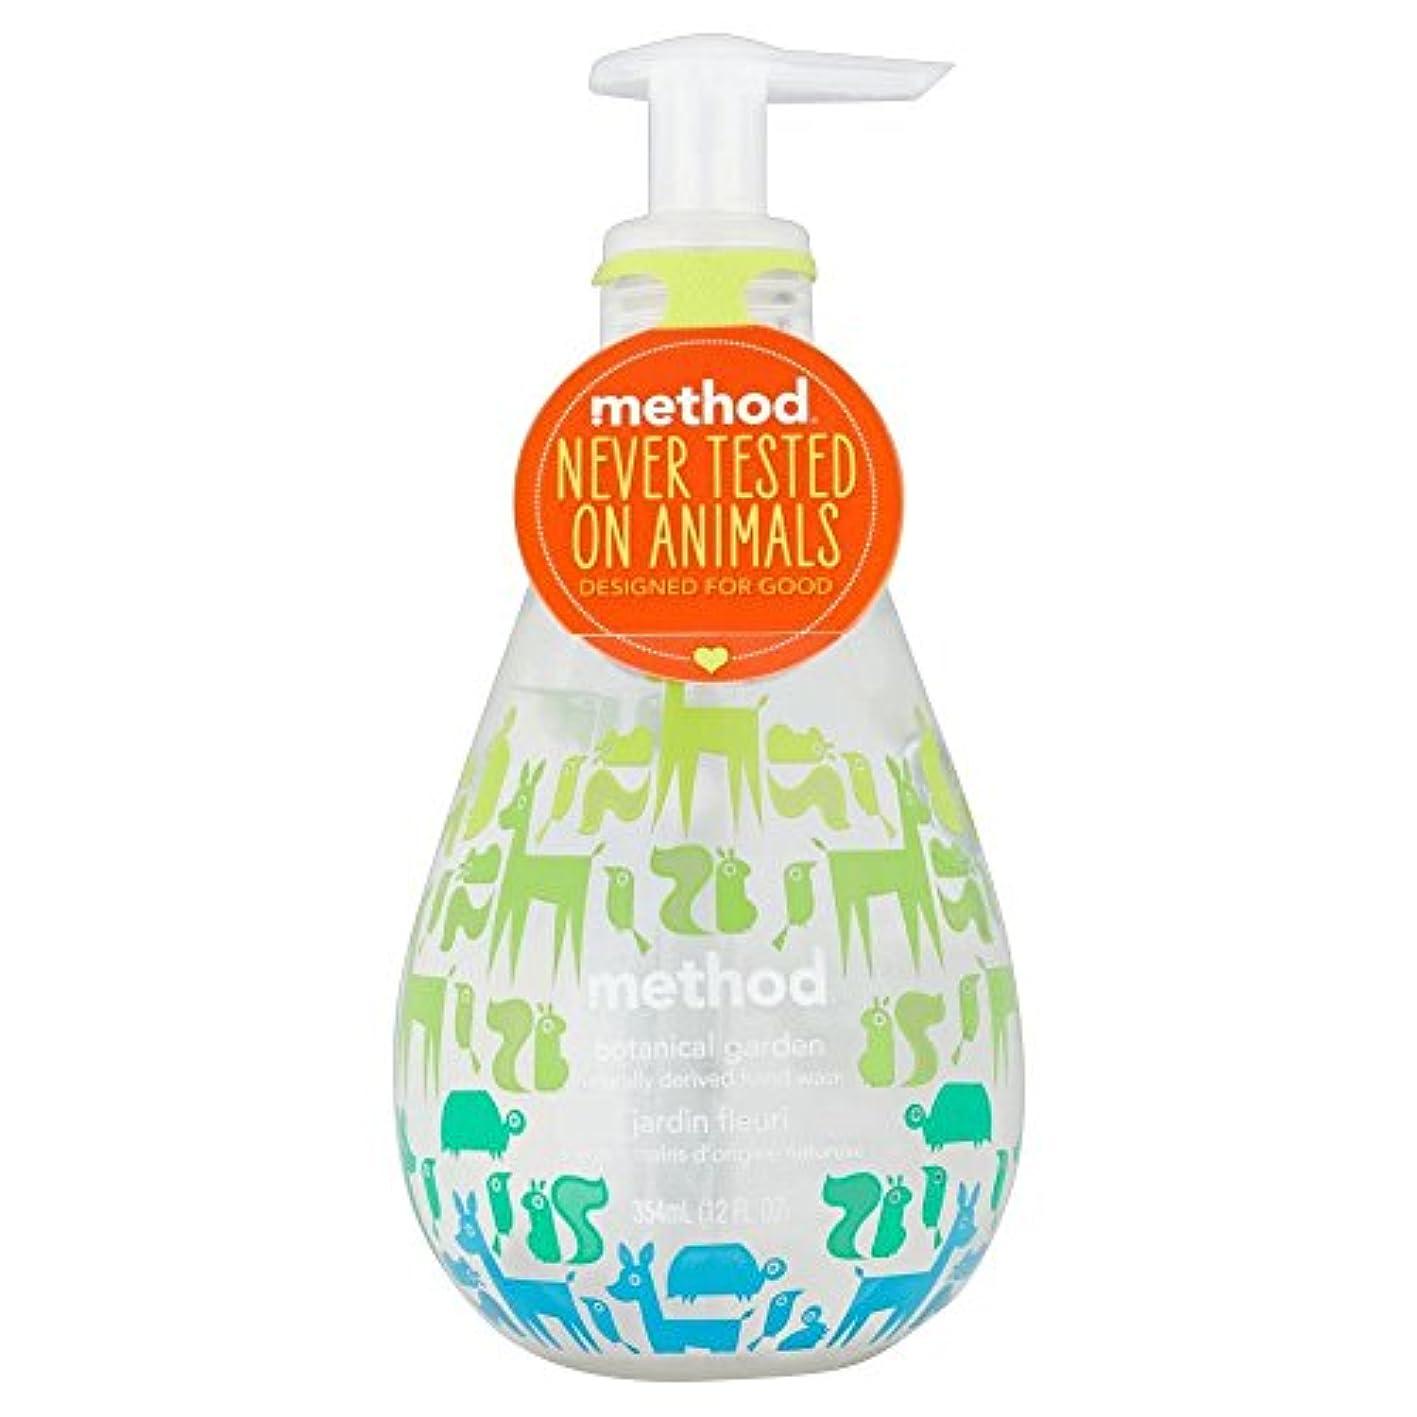 おに対処する統合するMethod Hand Wash - Botanical Garden (354ml) メソッドハンドウォッシュ - 植物園( 354ミリリットル) [並行輸入品]